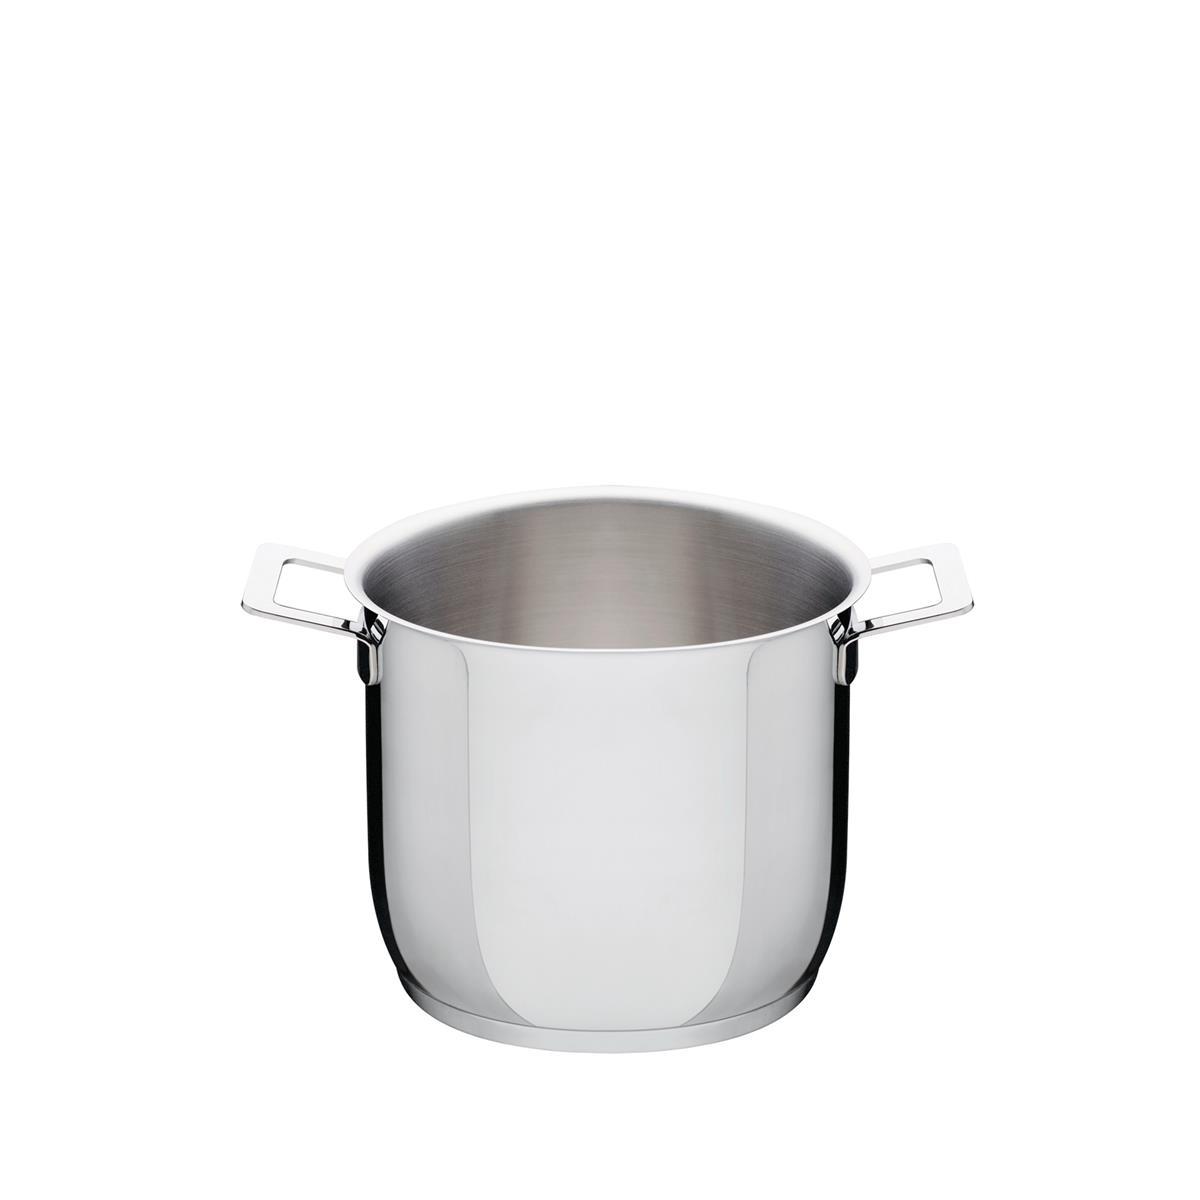 Alessi-Pots & Pans Pot aus poliertem Edelstahl 18/10, geeignet für die Induktion